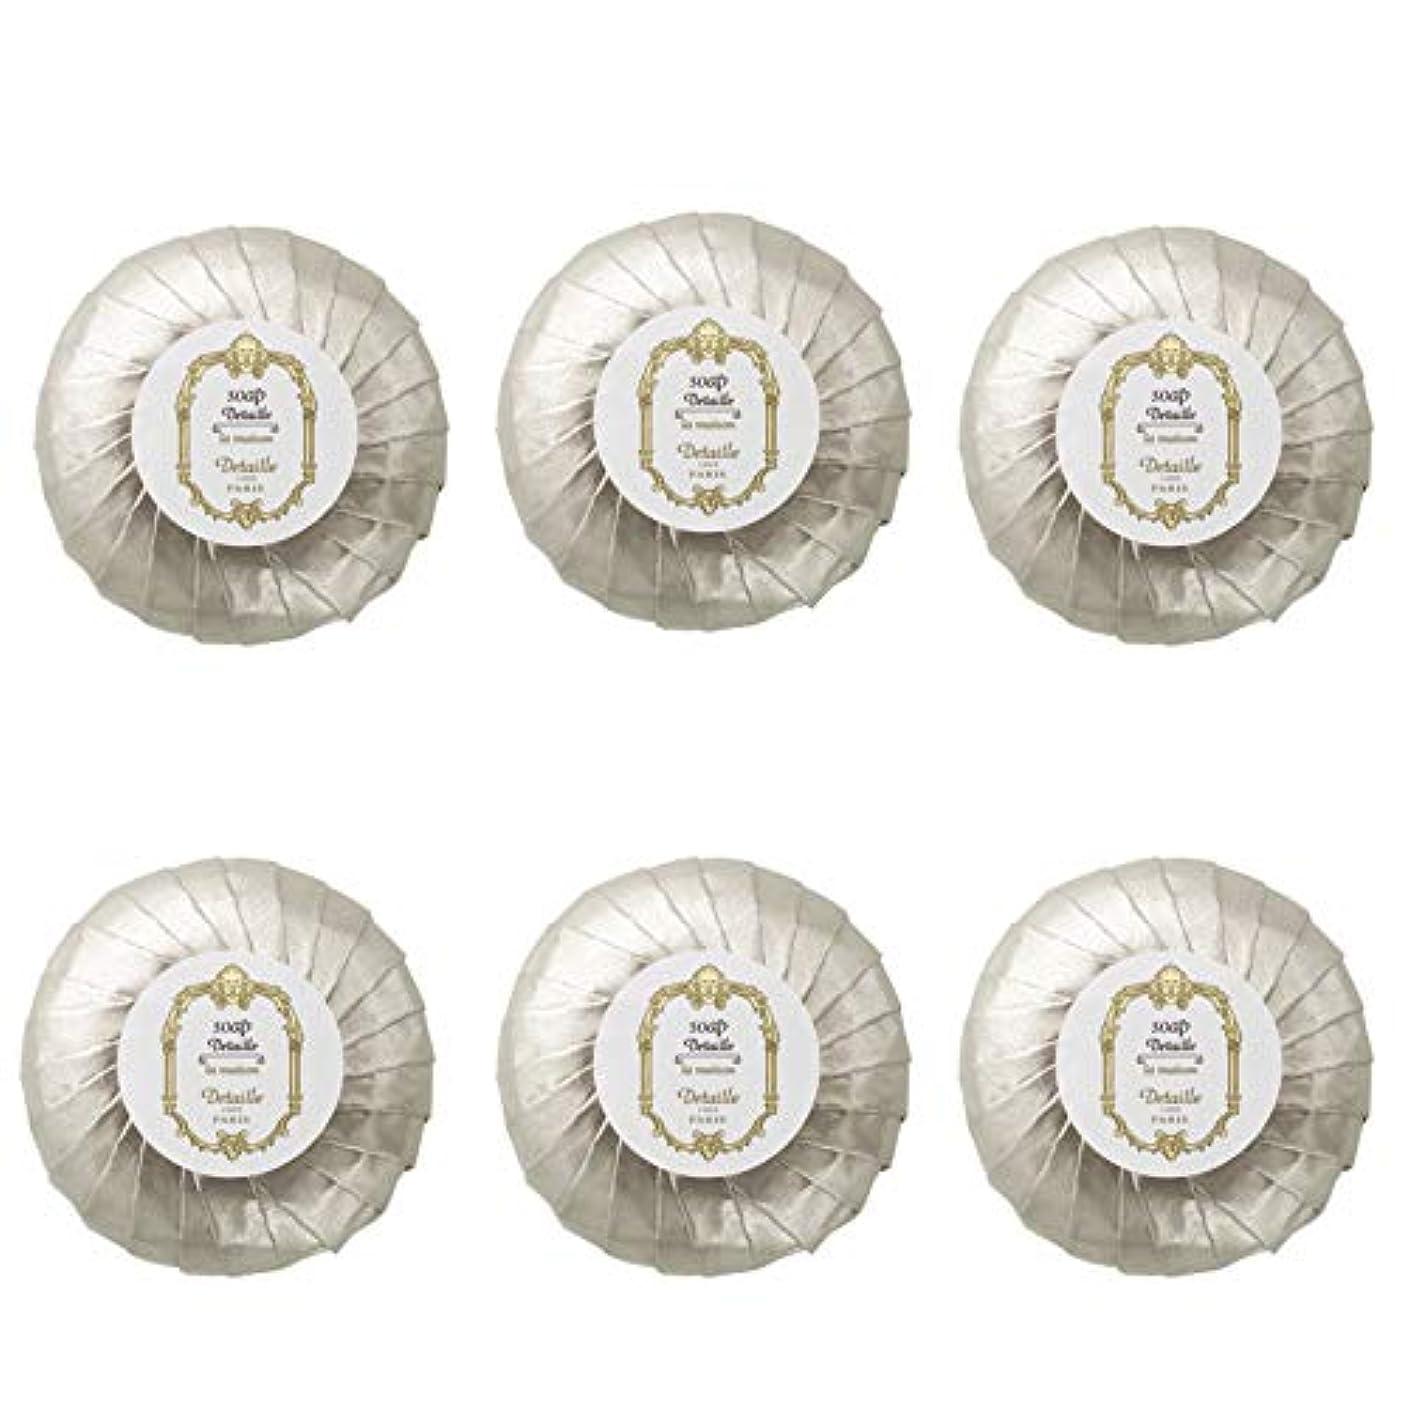 知っているに立ち寄る毛皮コマンドPOLA デタイユ ラ メゾン スキンソープ 固形石鹸 (プリーツ包装) 50g×6個